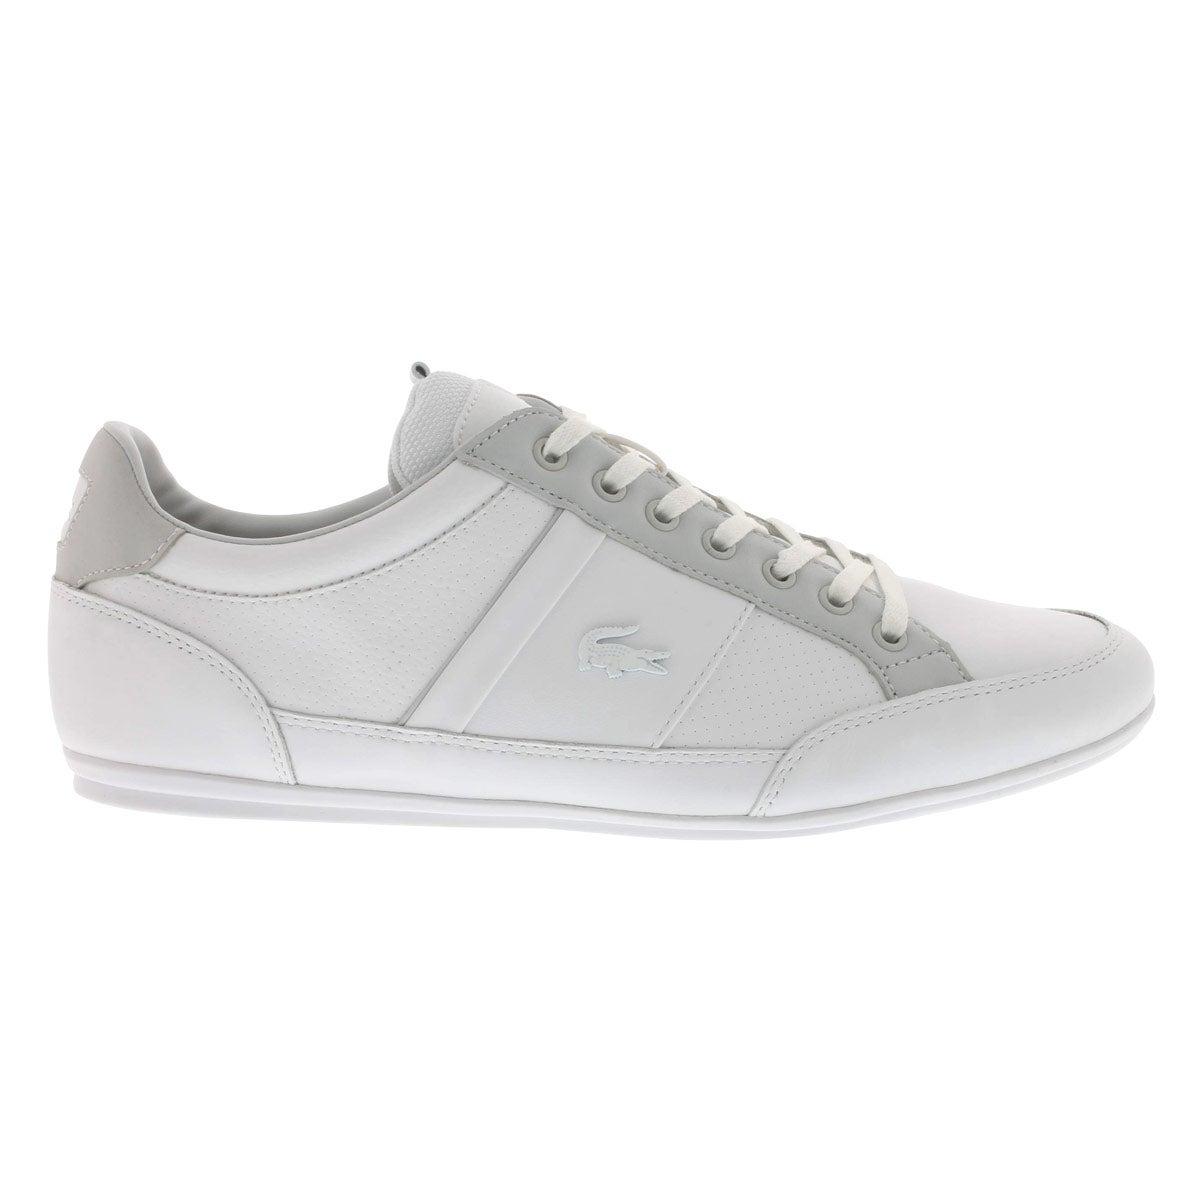 Mns Chaymon PRM wht/gry fashion sneaker